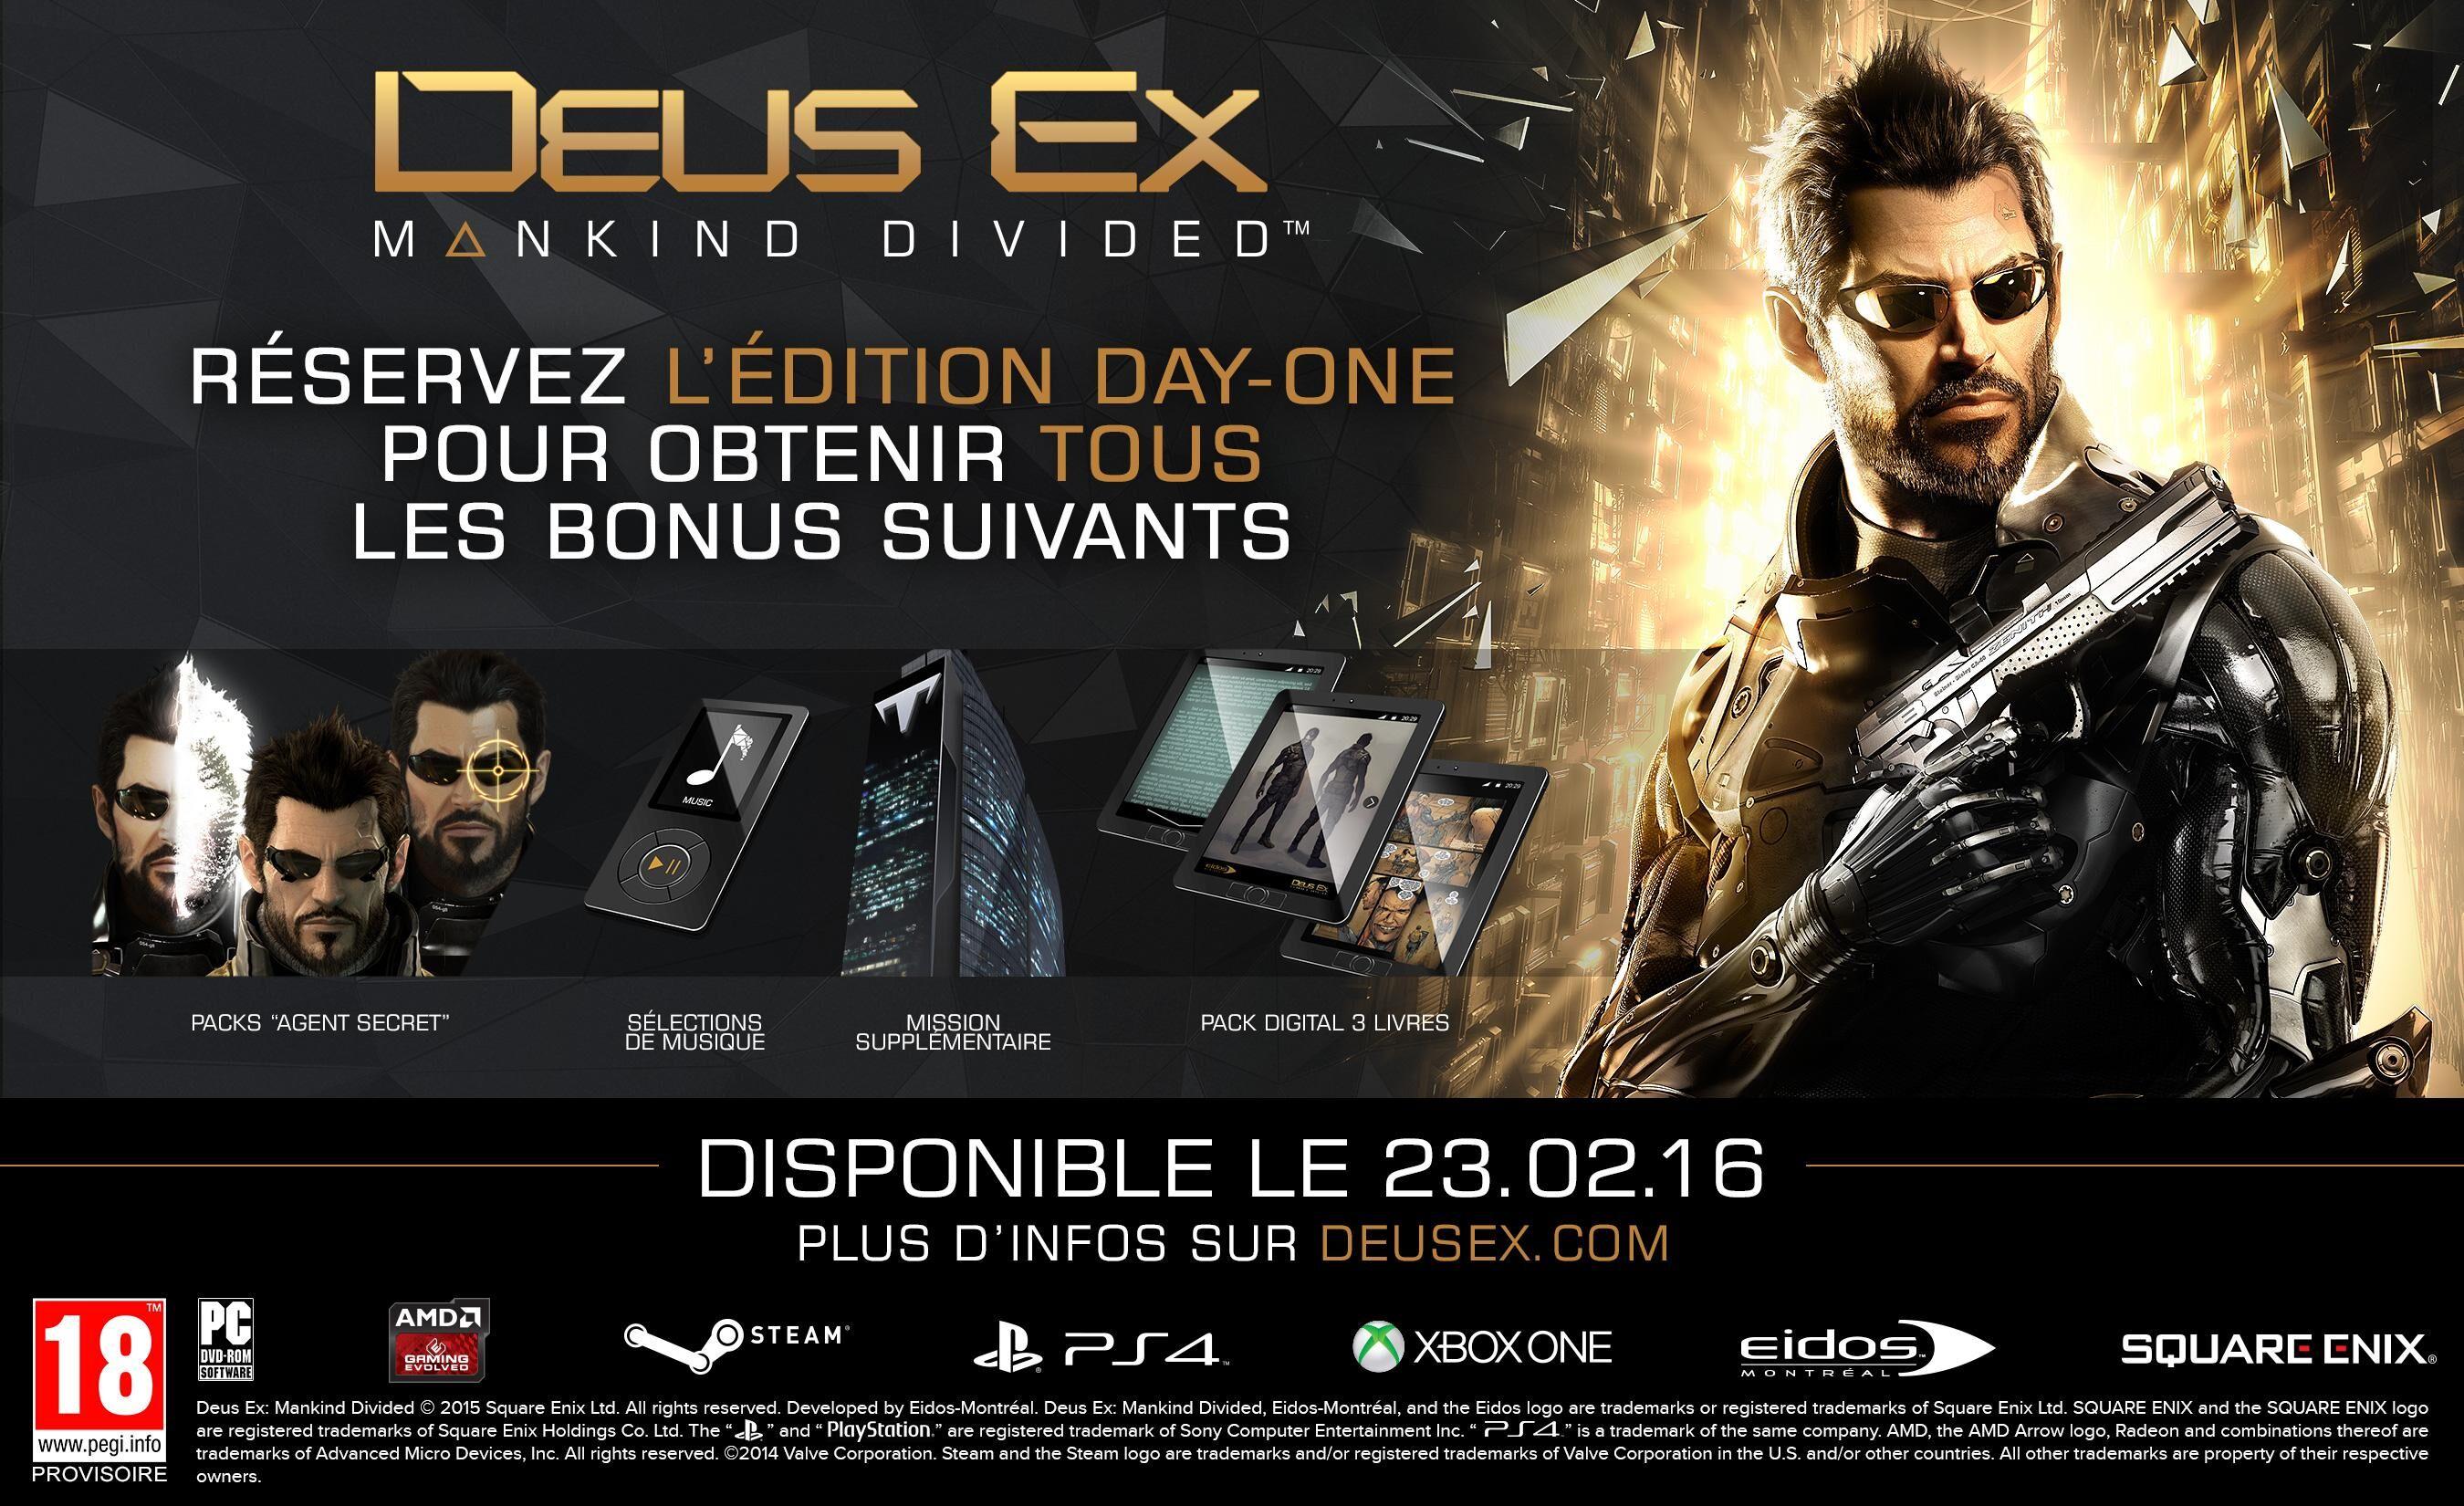 SQUARE ENIX Deus Ex Mankind Divided Edition Steelbook